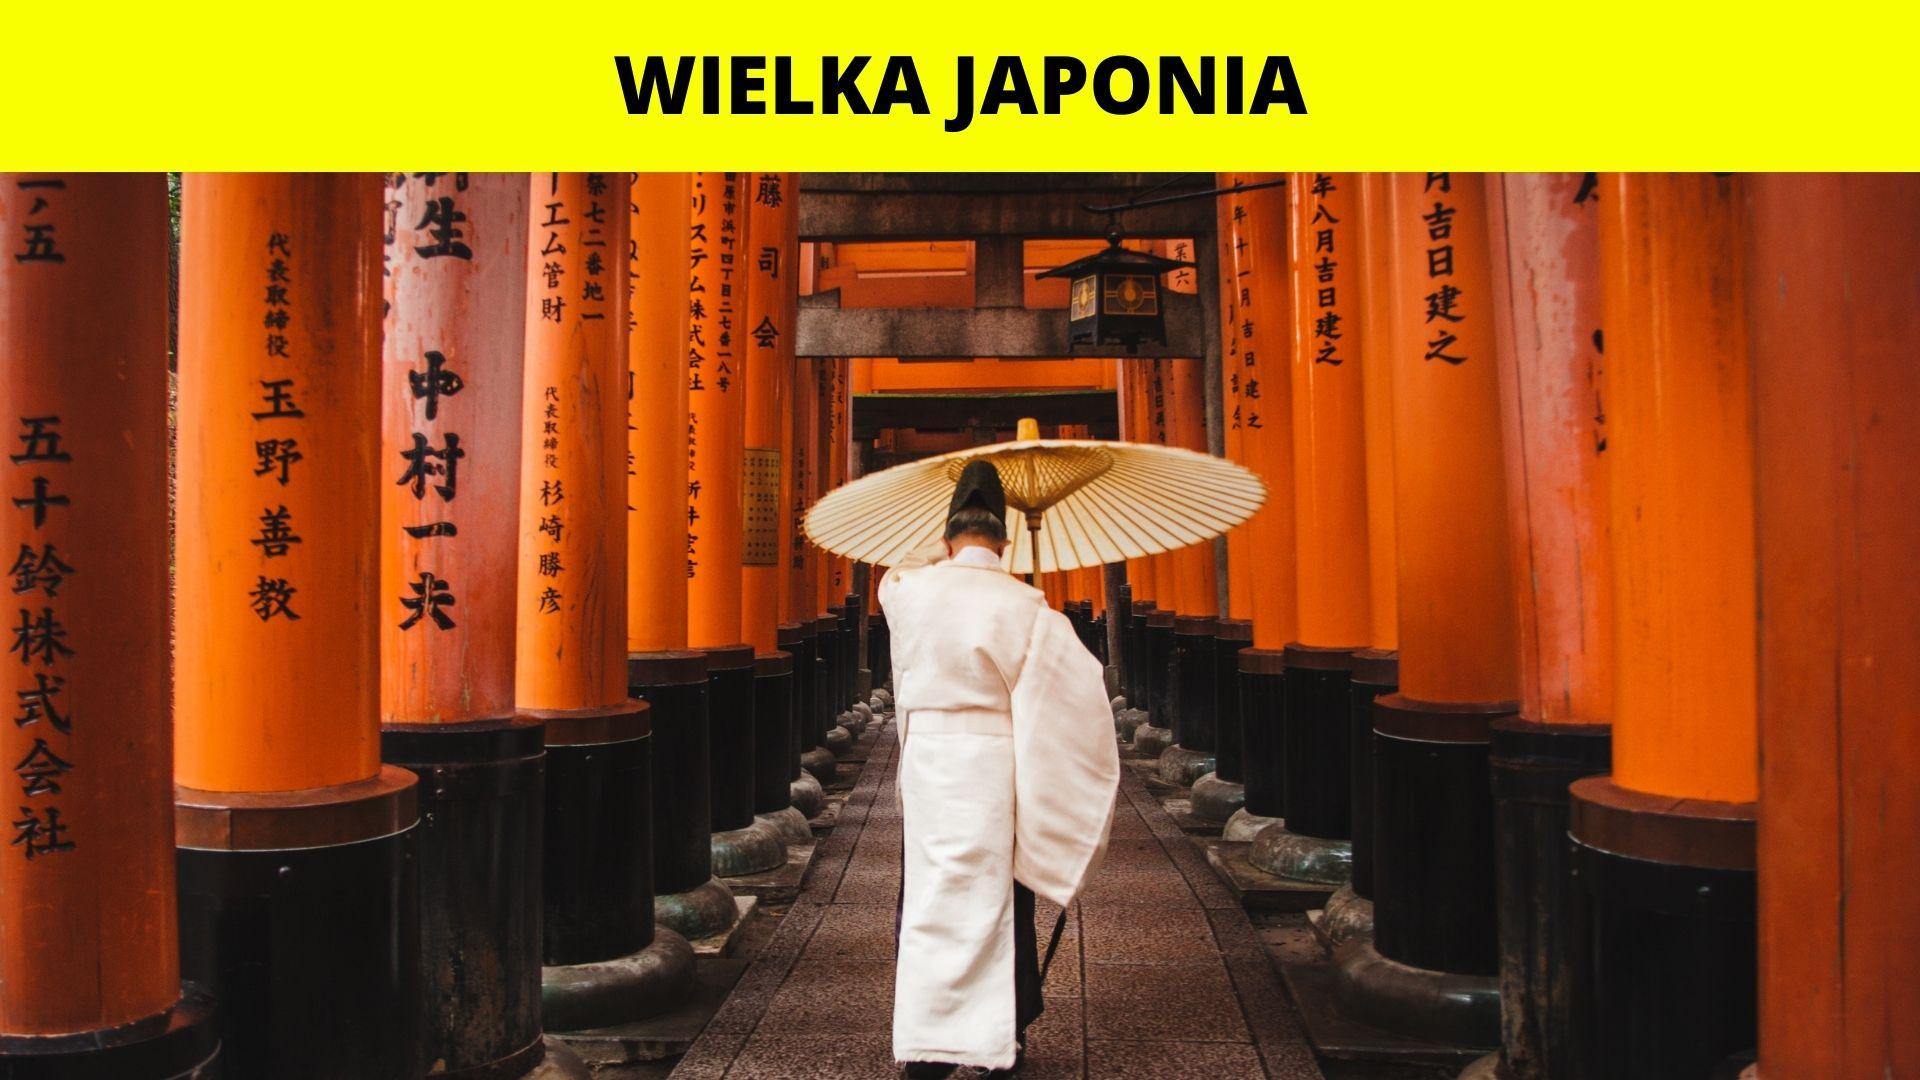 Wielka Japonia - poznaj kraj Kwitnącej Wiśni! Warsztaty dla dzieci